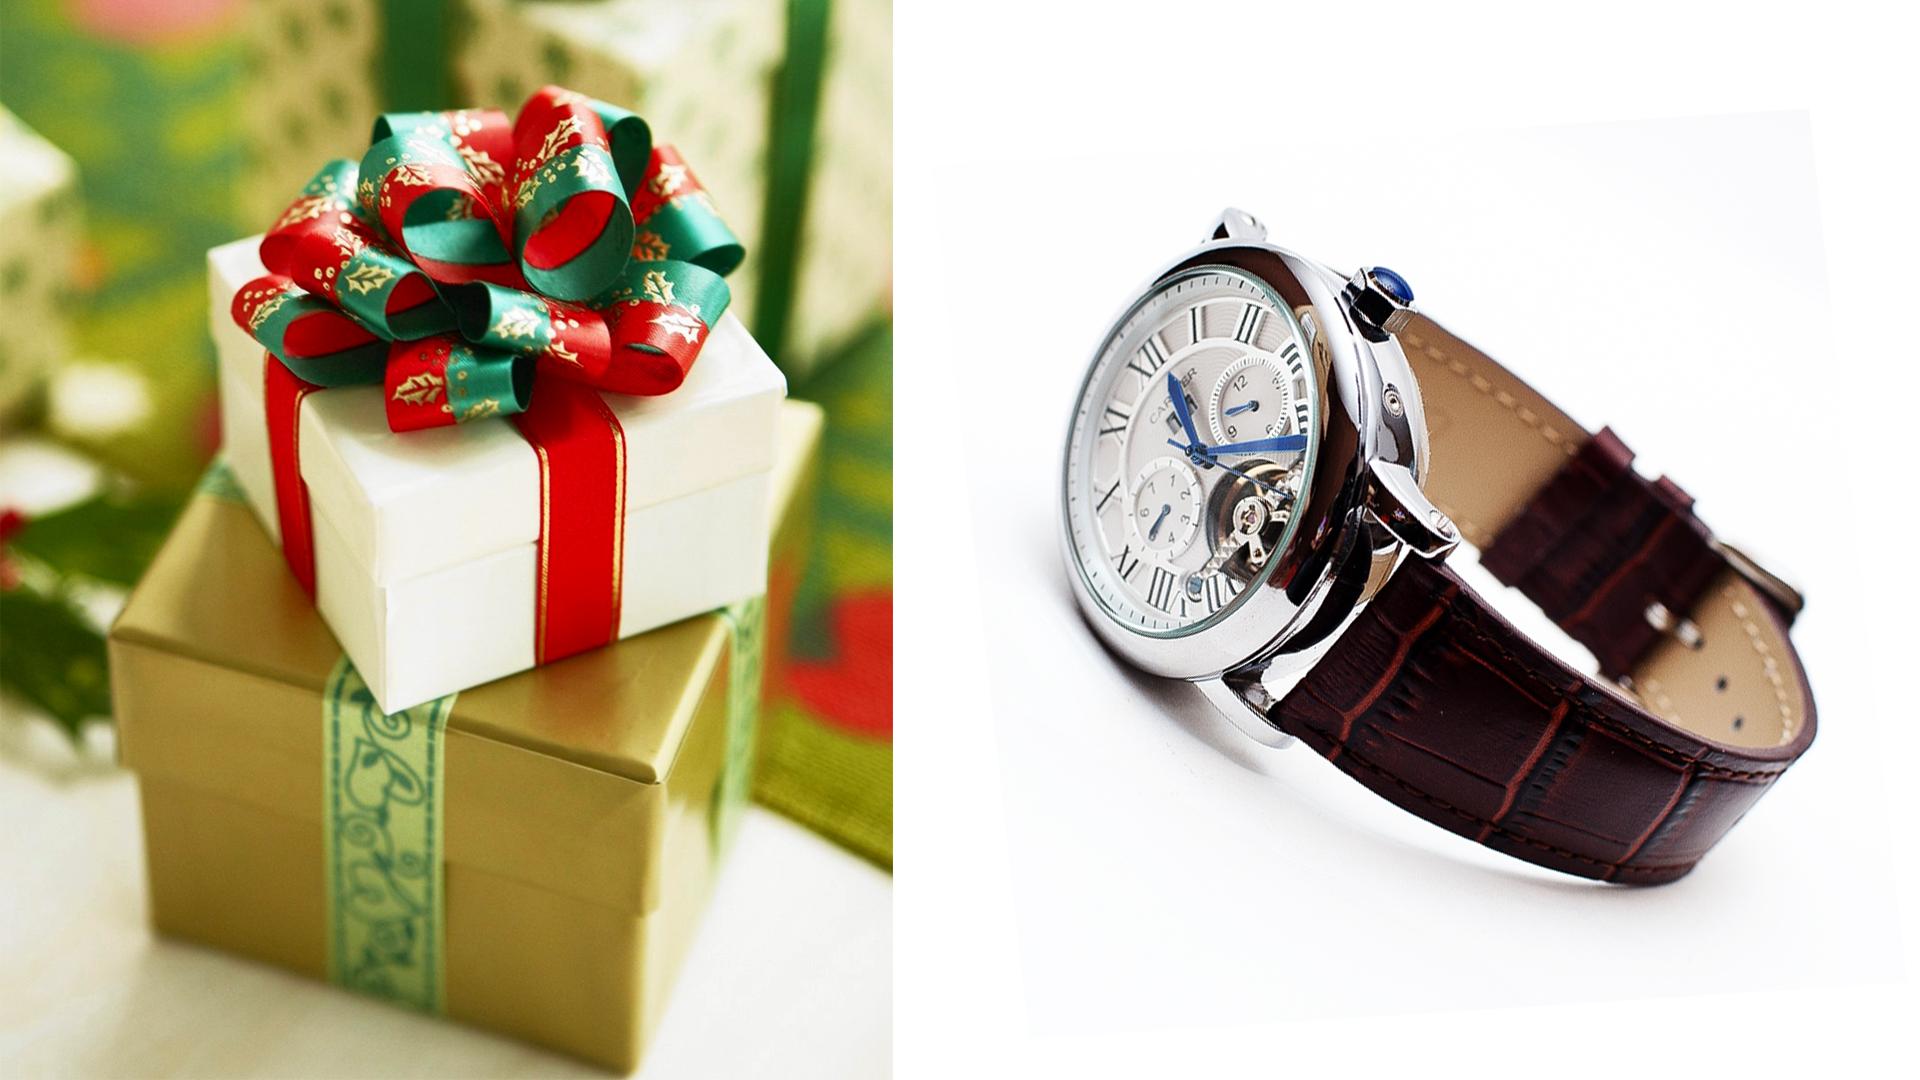 Что подарить мужчине: топовые идеи подарков для мужчин 90